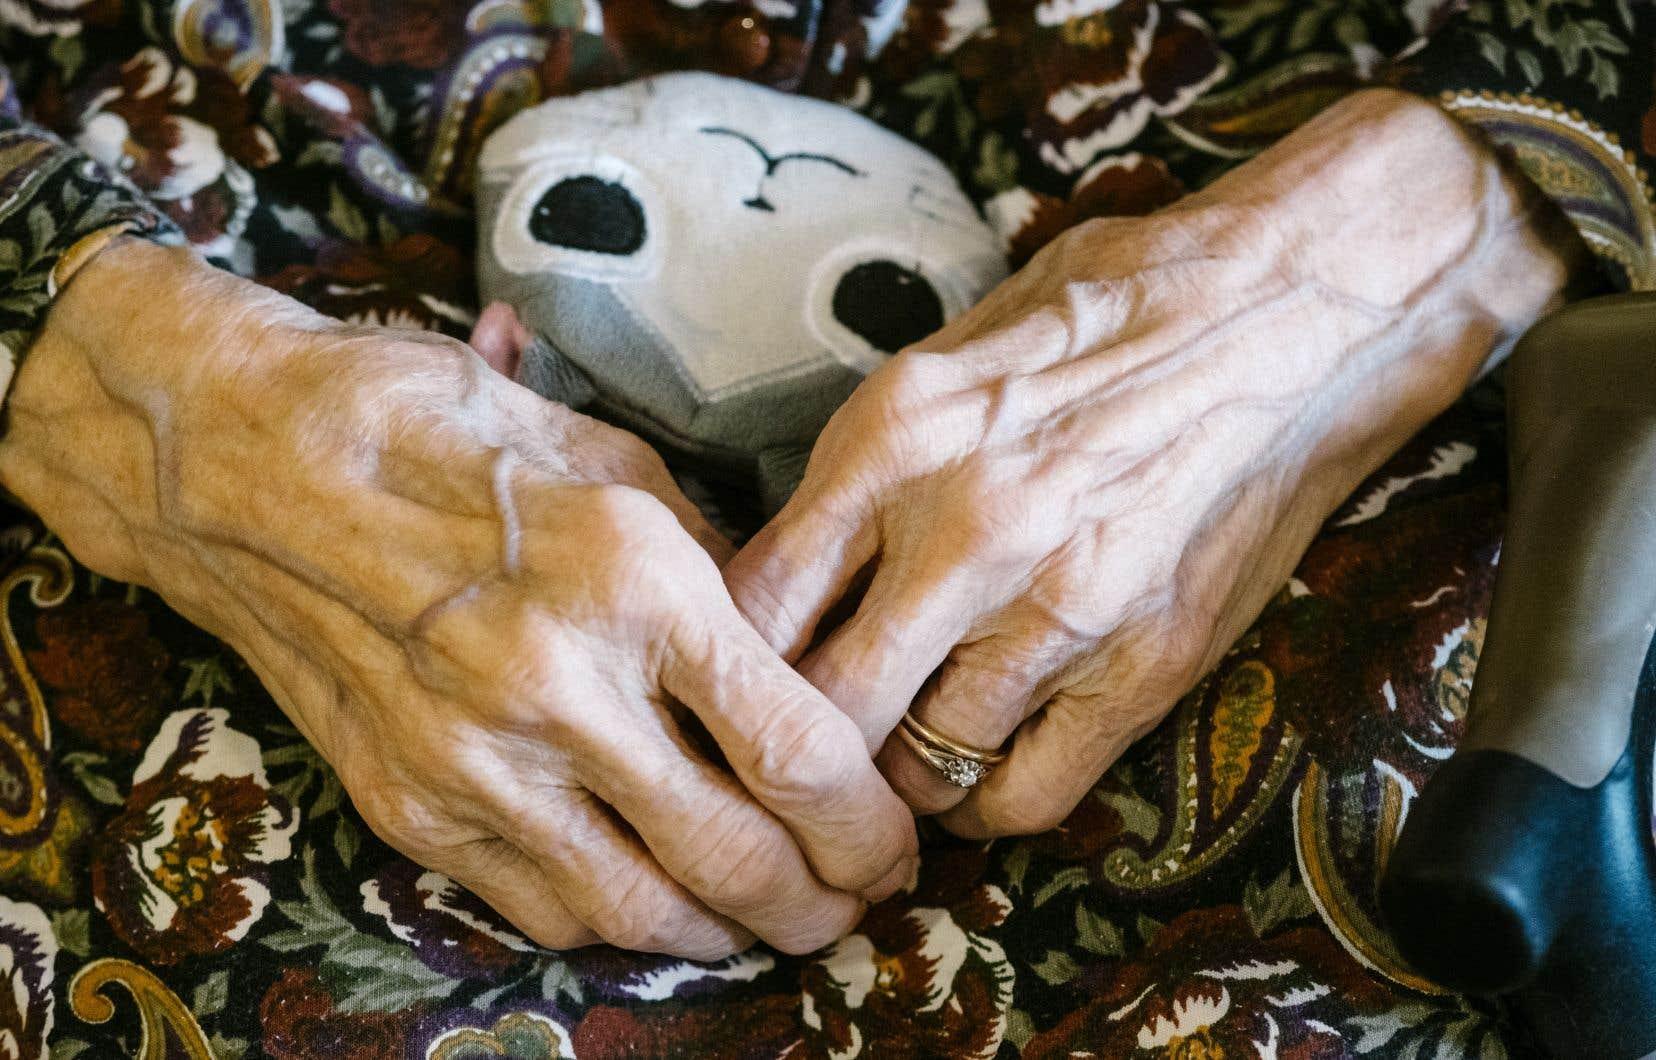 «Les proches aidants, souvent les femmes, sont là pour pallier le manque criant de services», dit l'autrice.